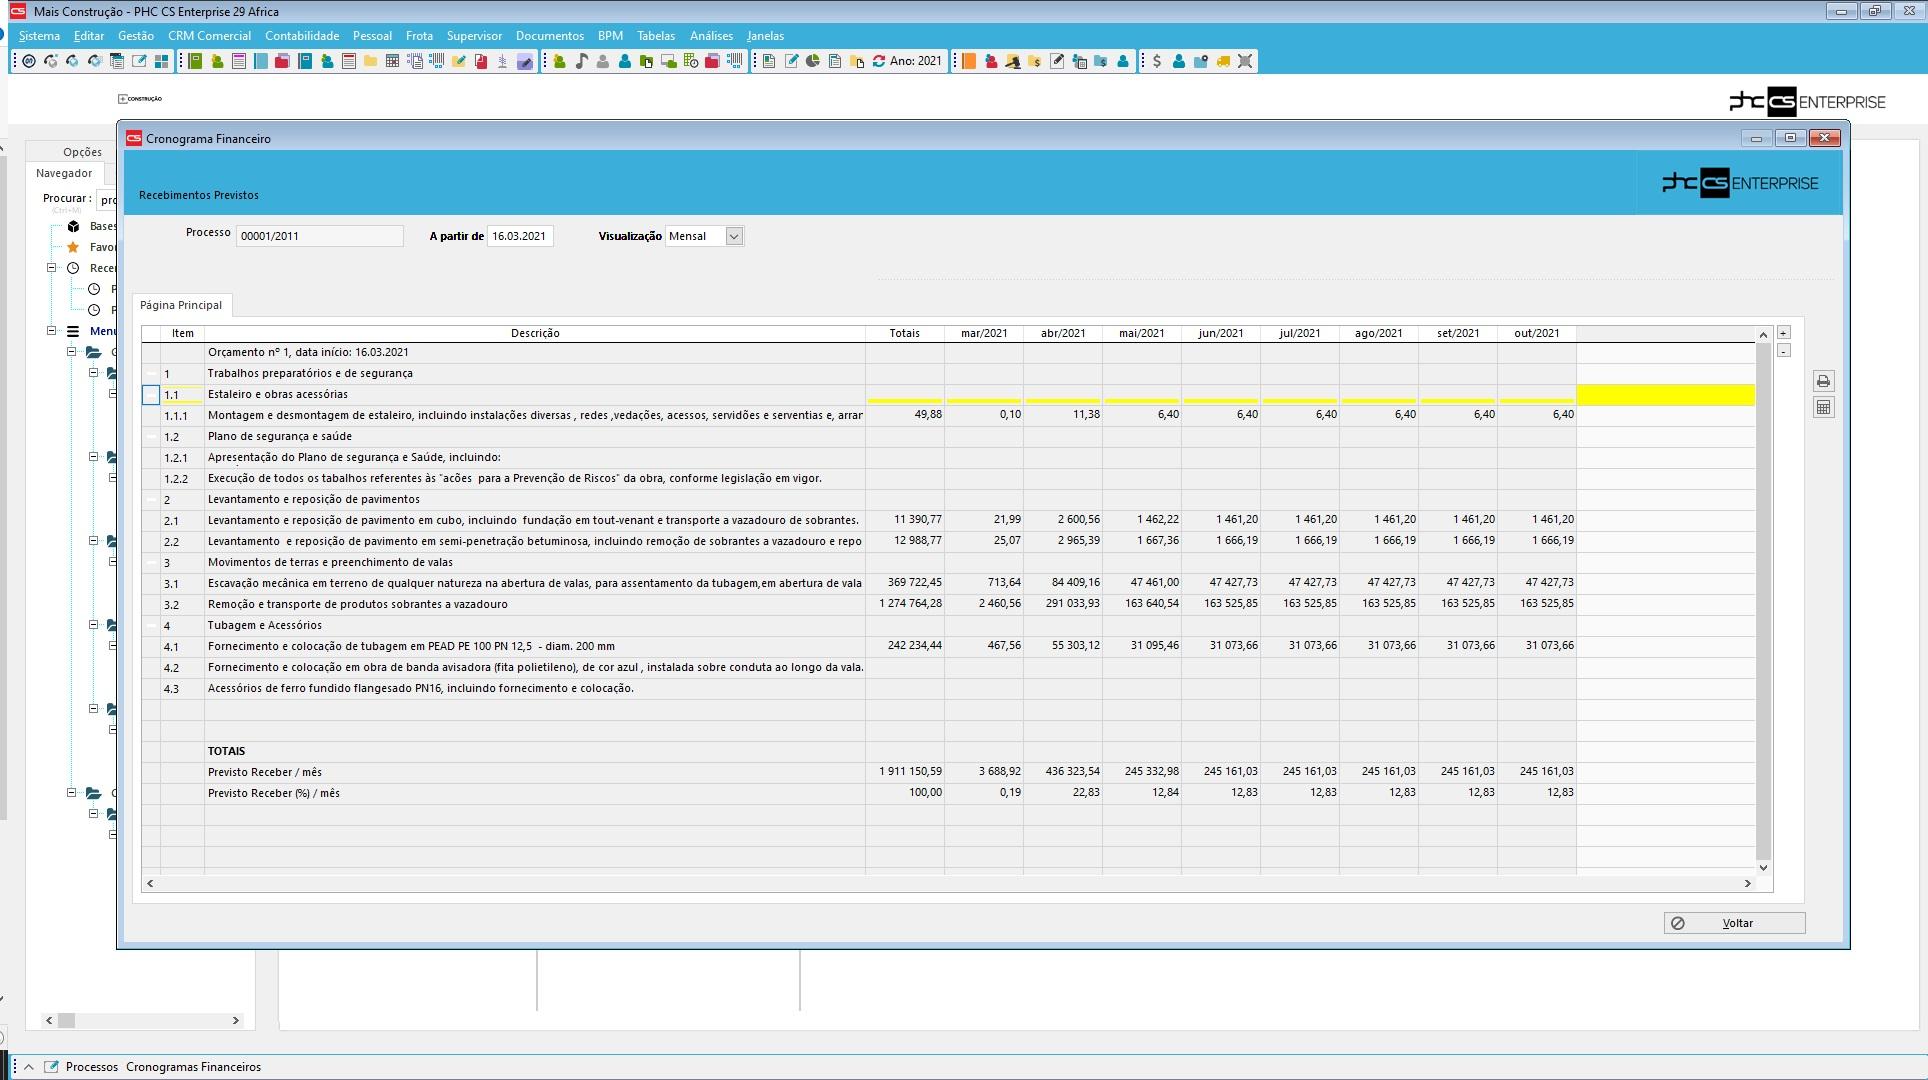 dashboard de controlo e gestão de construção civil